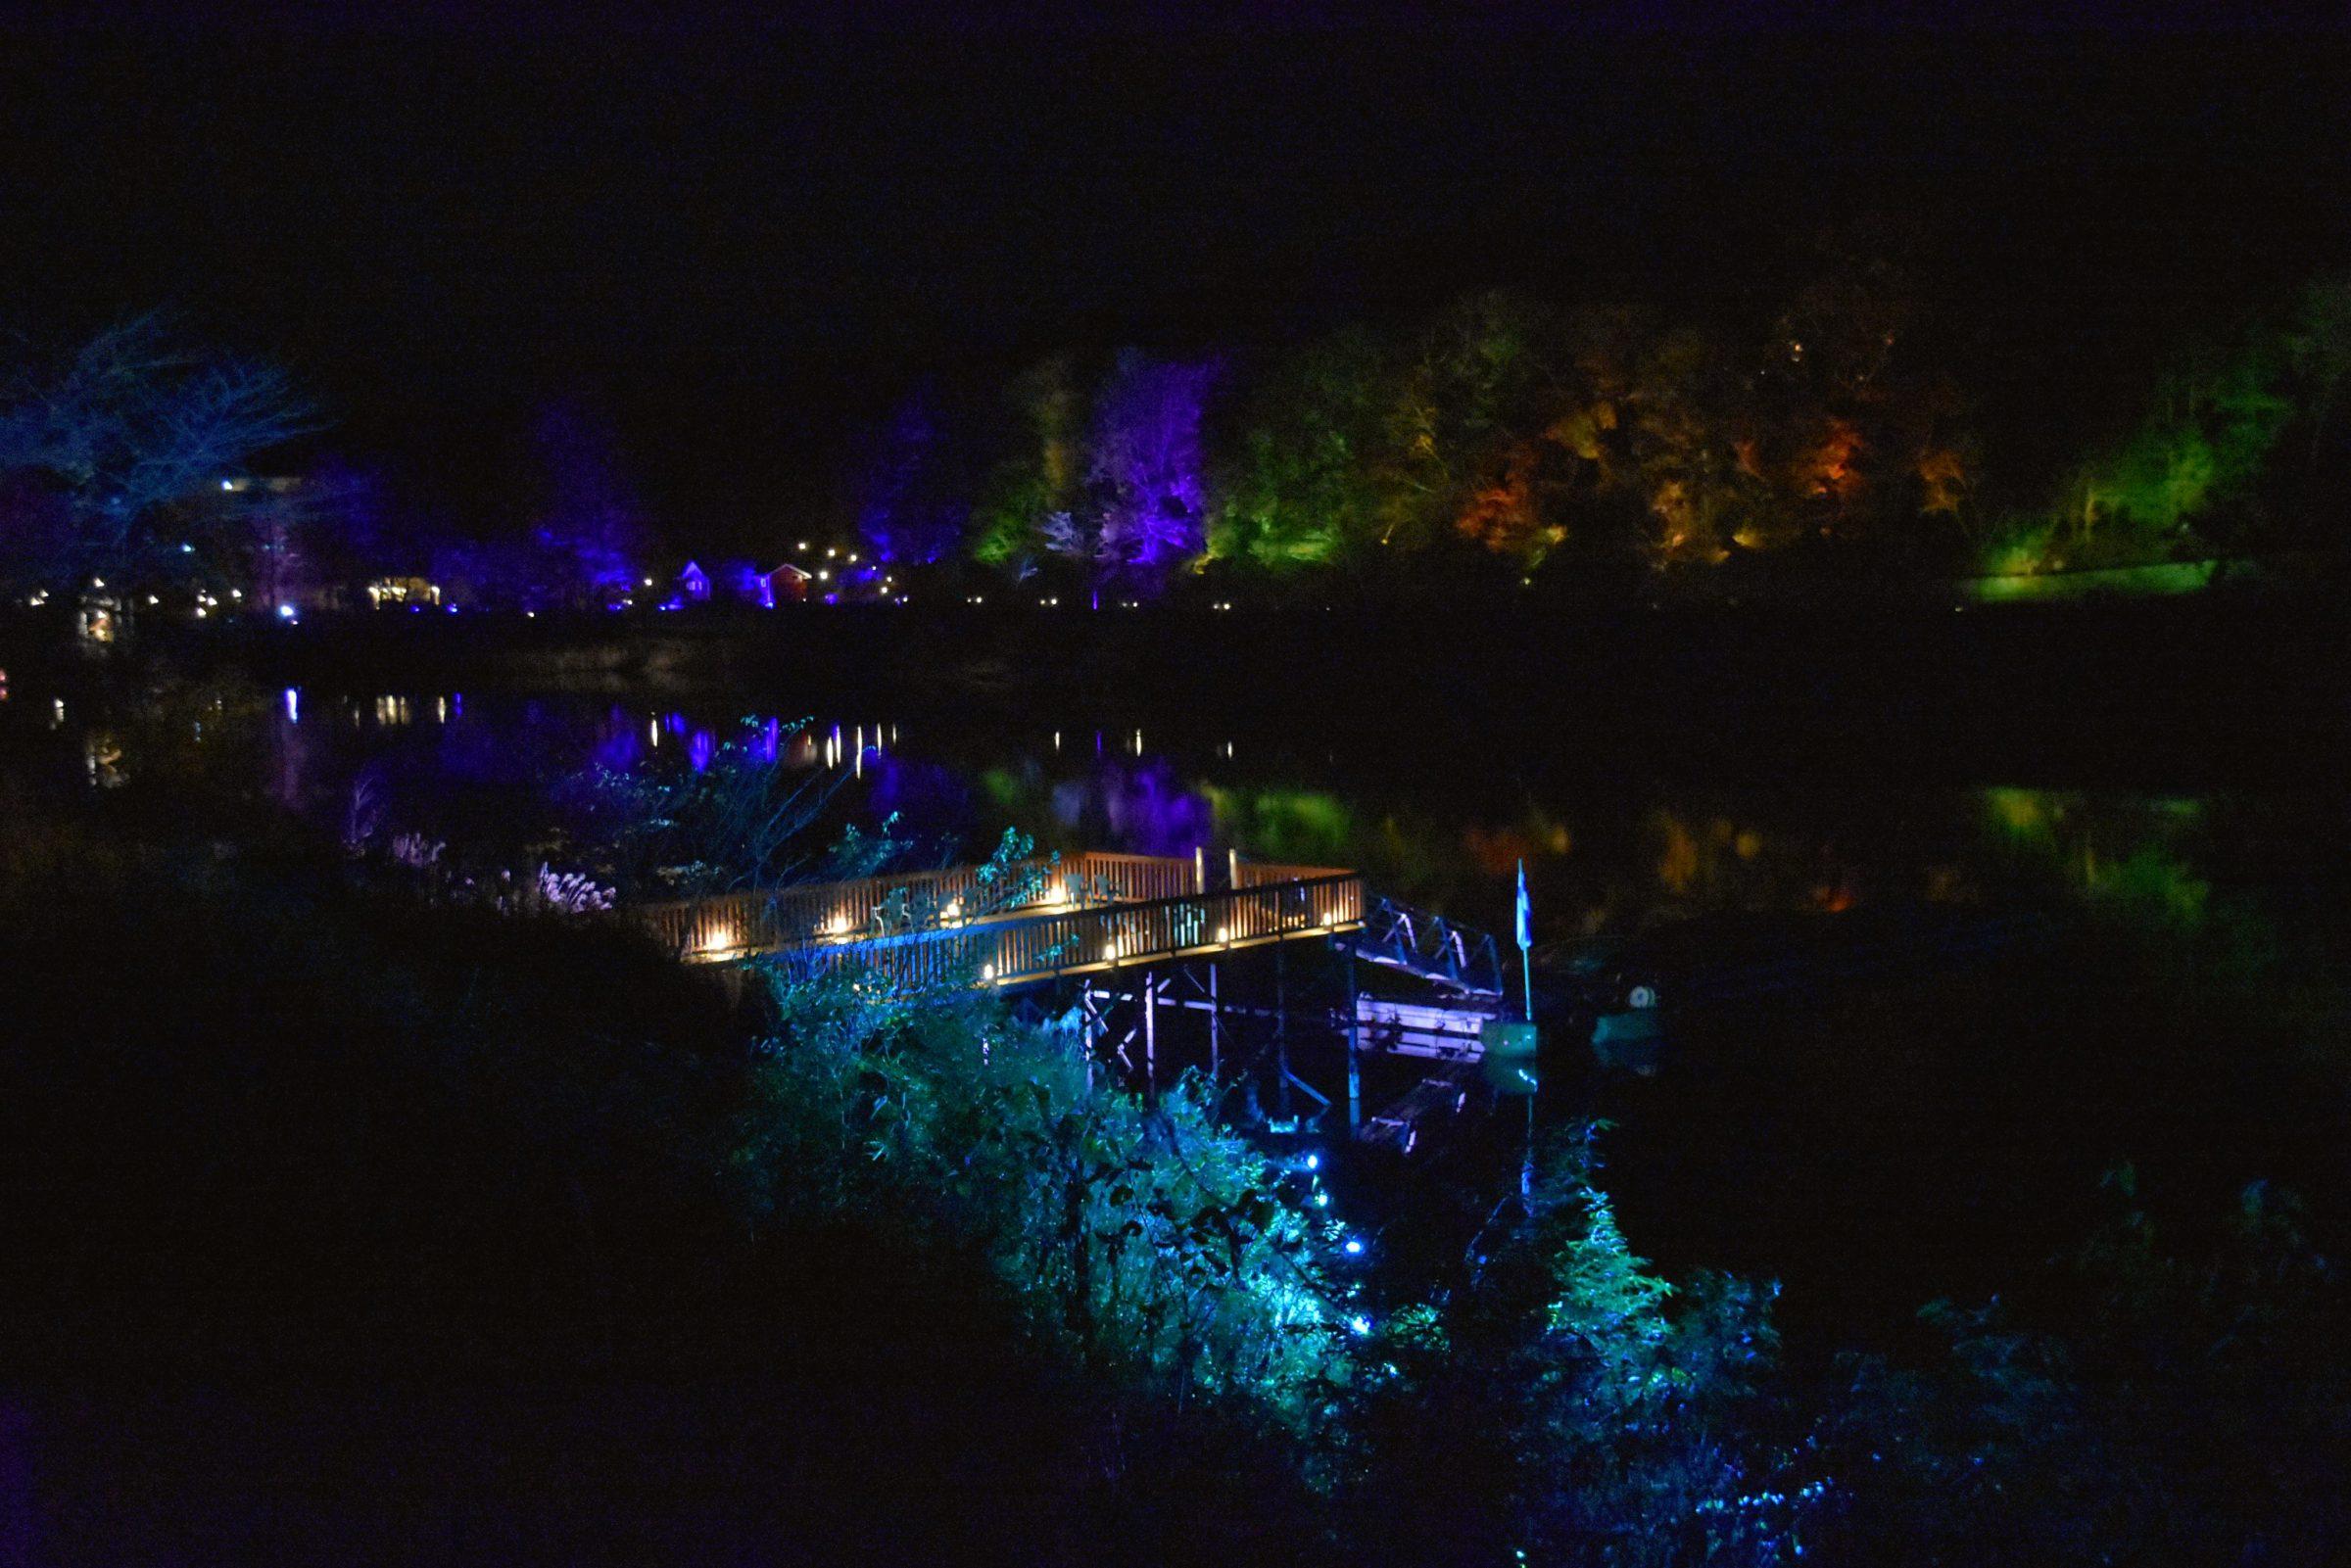 期間限定!埼玉飯能北歐風森林村metsä village「teamLab森與湖的光之祭」